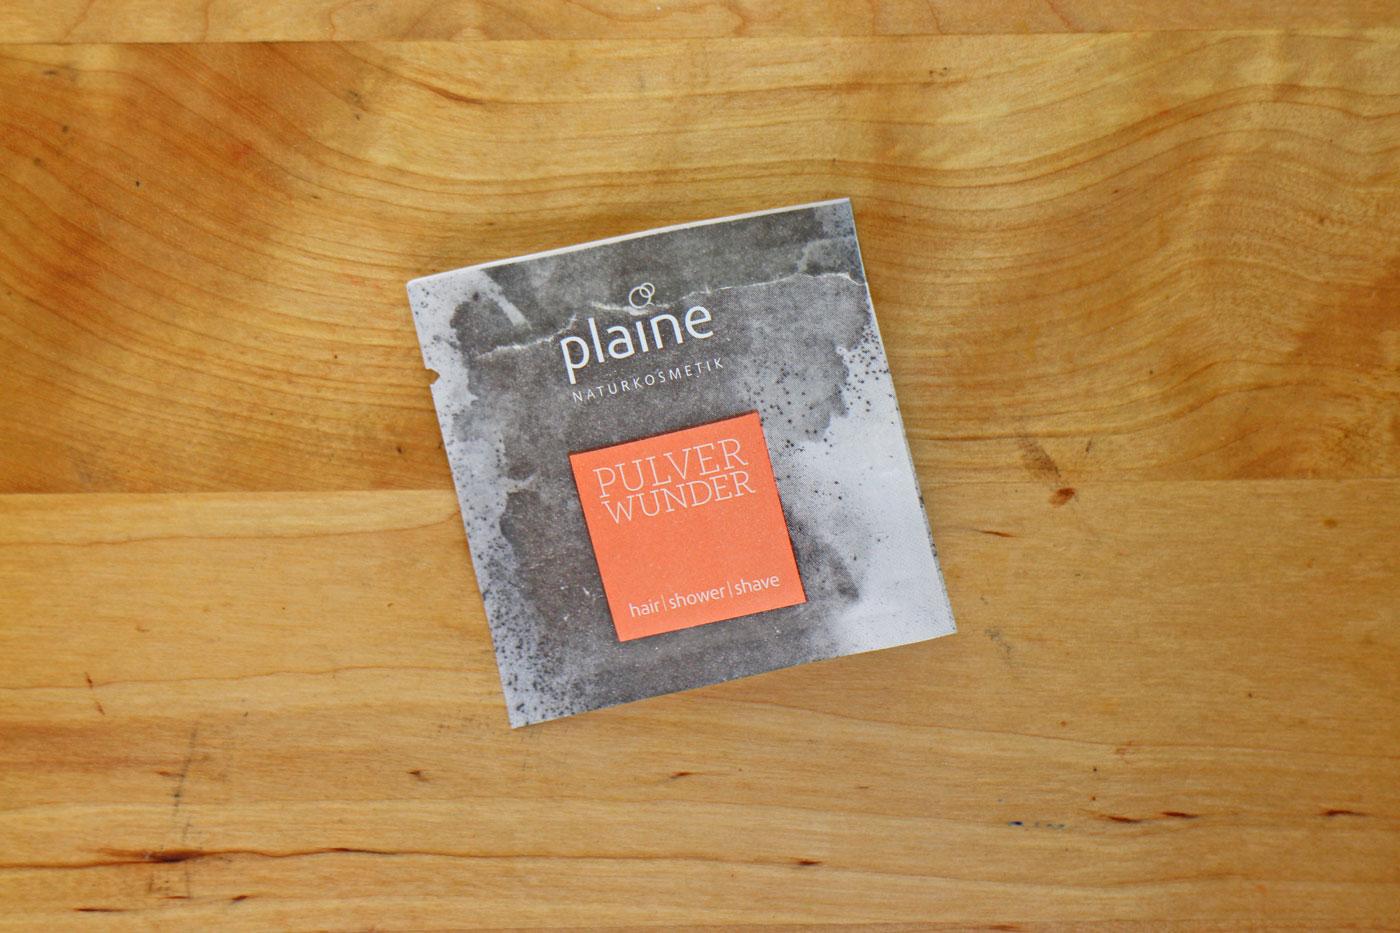 Sachet Plaine Pulverwunder